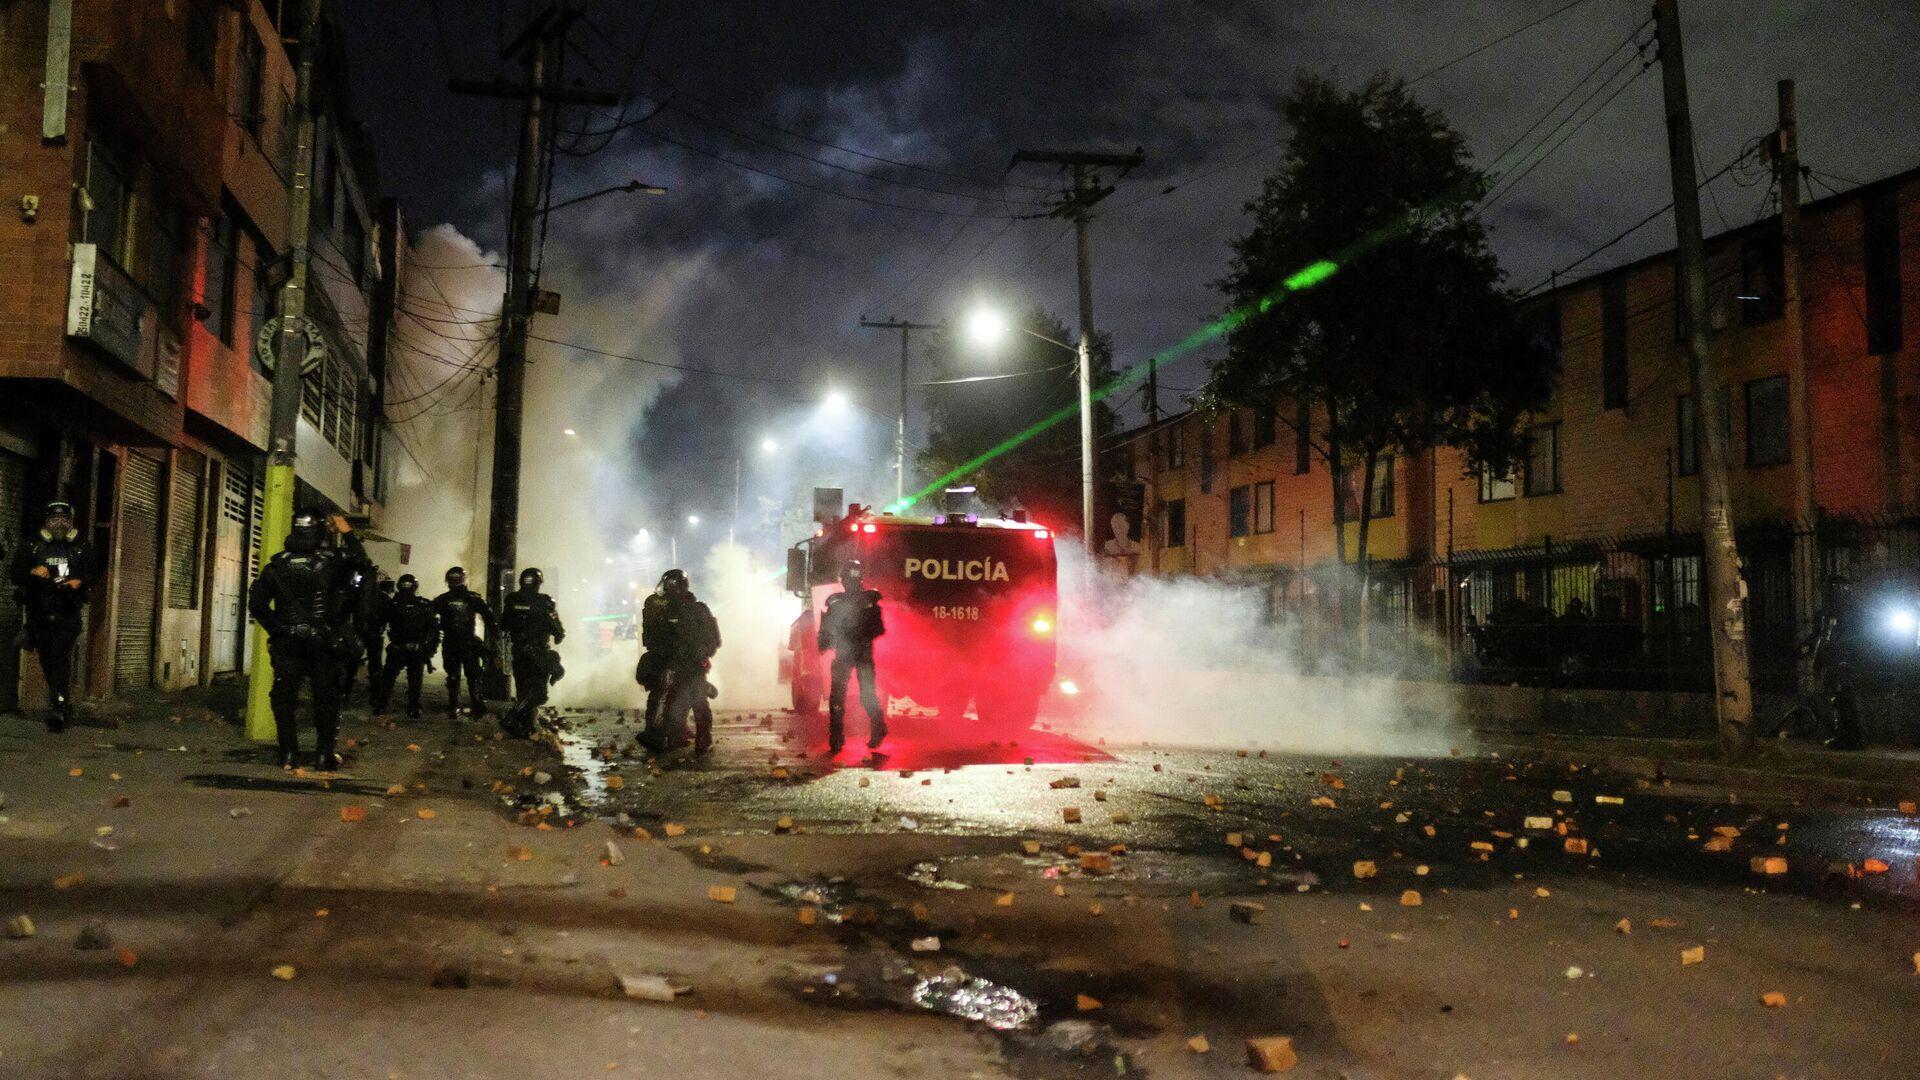 La Policía colombiana durante las protestas en Bogotá - Sputnik Mundo, 1920, 29.05.2021